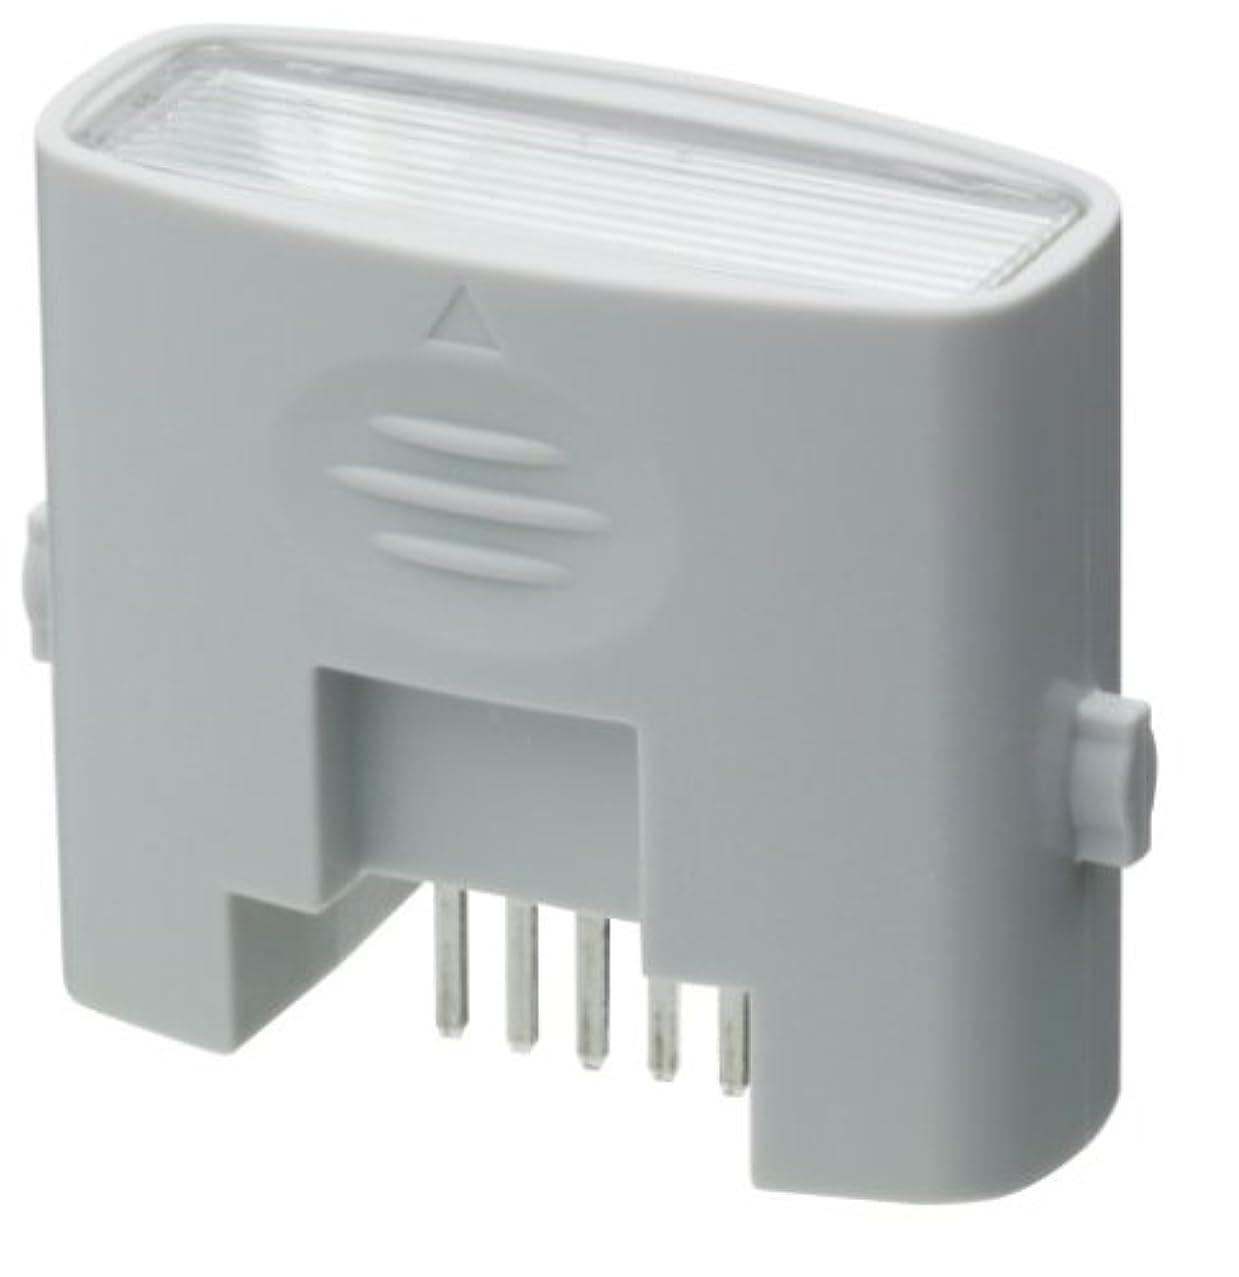 生き残り申し立てられたムスタチオパナソニック 光エステ 交換用ランプカートリッジ ES-2W11